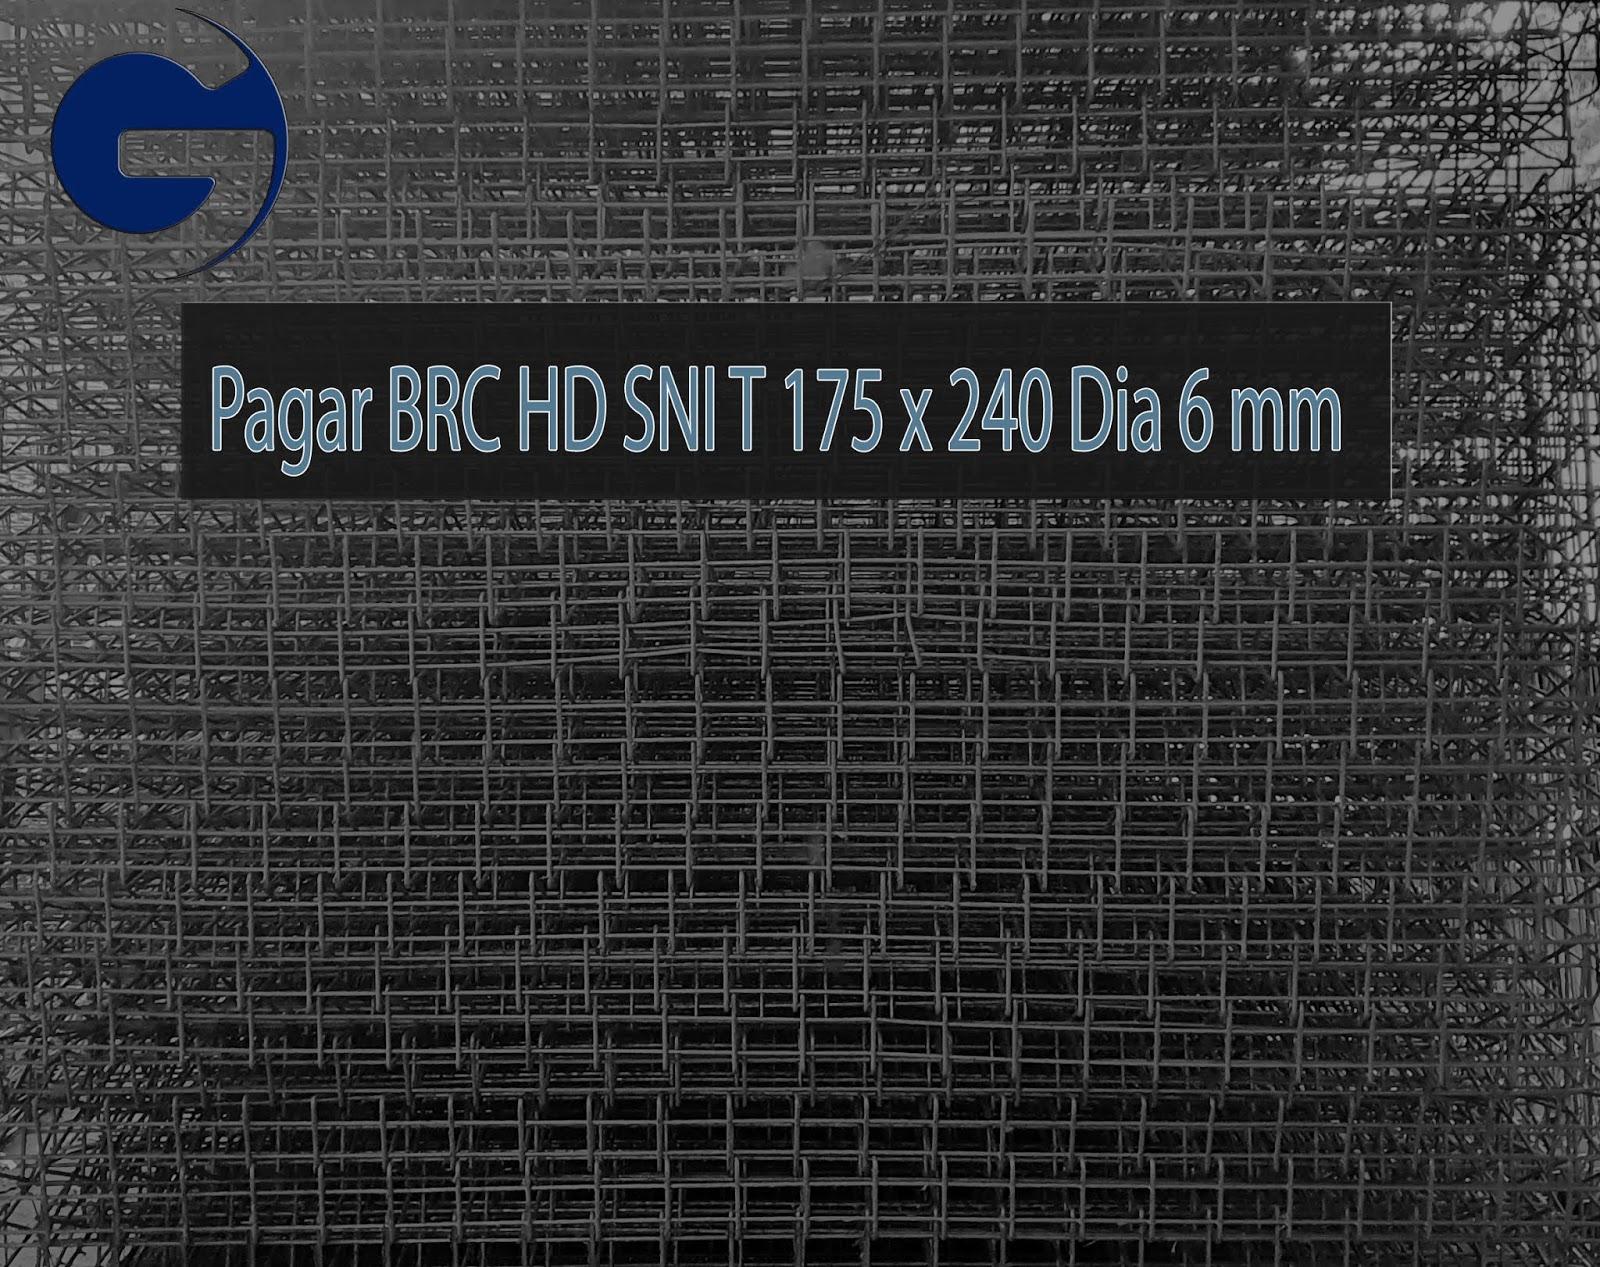 Jual pagar BRC HD SNI T 175 x 240 Dia 6 mm